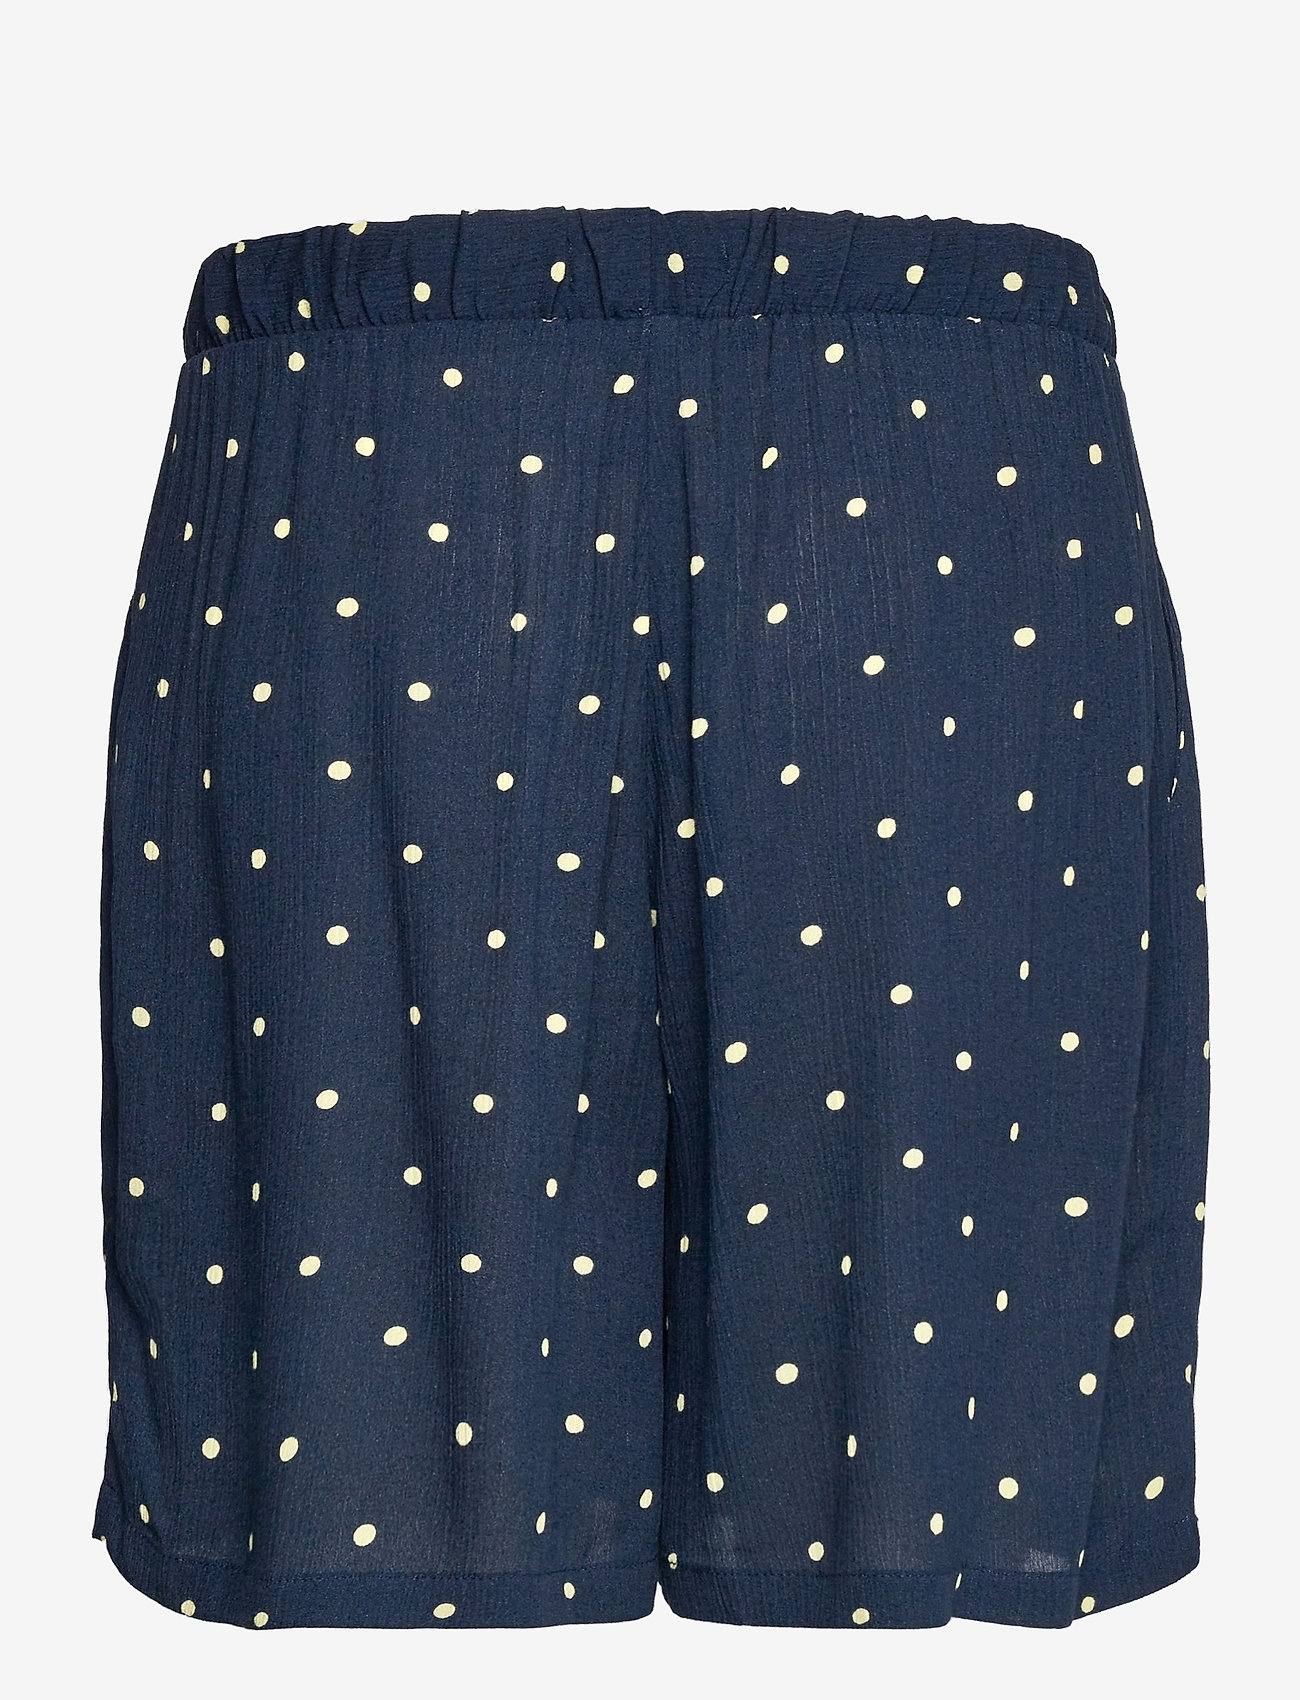 ICHI - IHMARRAKECH AOP SHO - casual shorts - total eclipse dot - 1